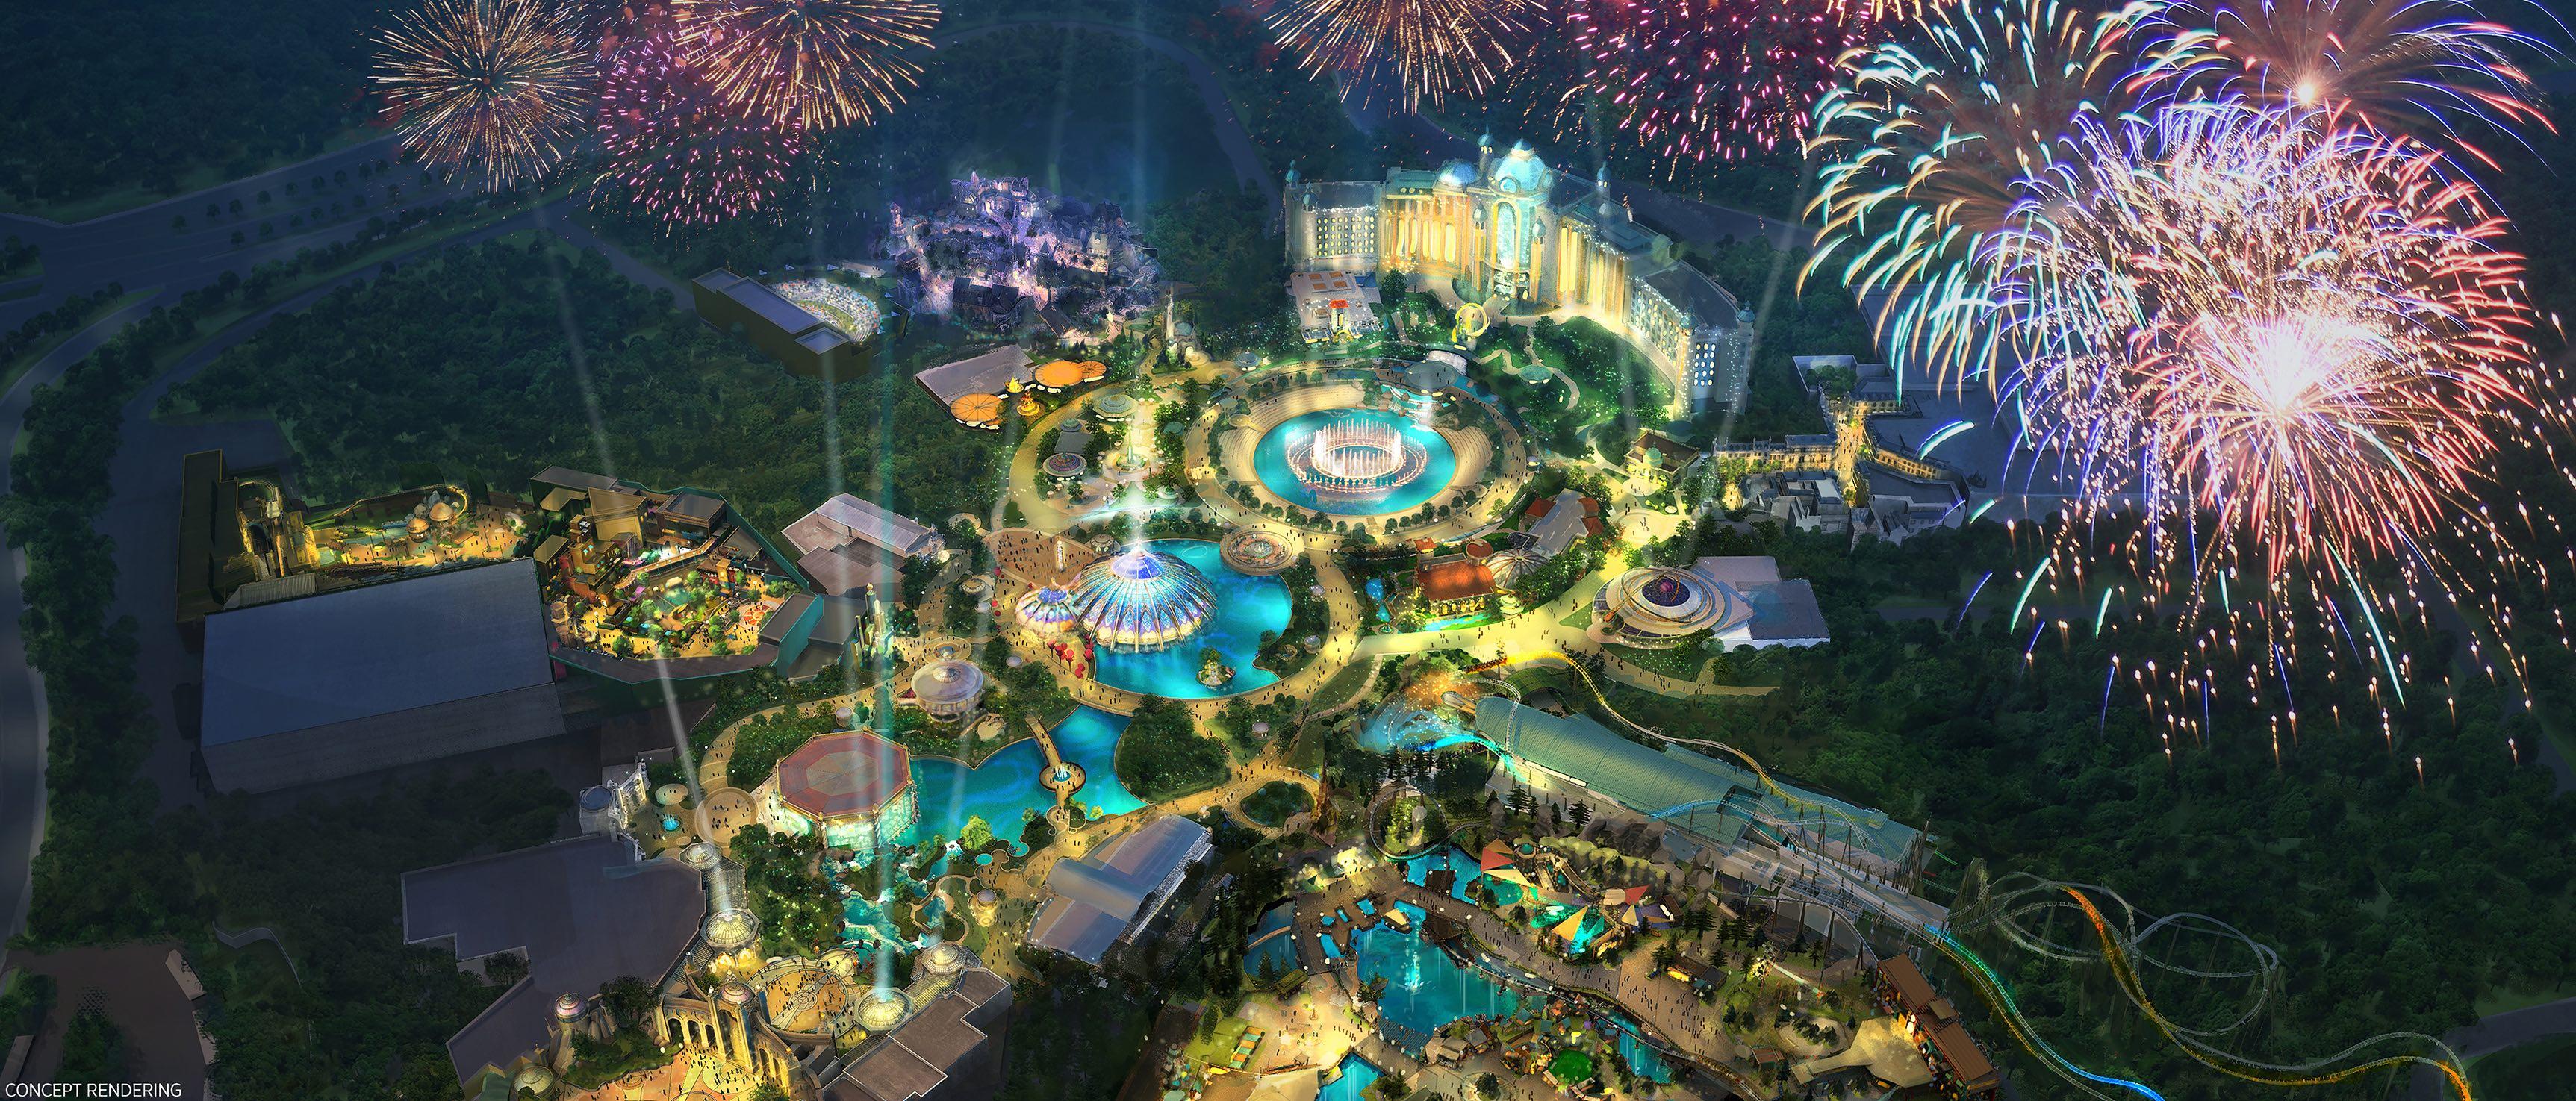 Projeto do Epic Universe: novo parque da Universal. A imagem mostra um parque temático visto de cima e iluminado, com fogos de artifício no céu.